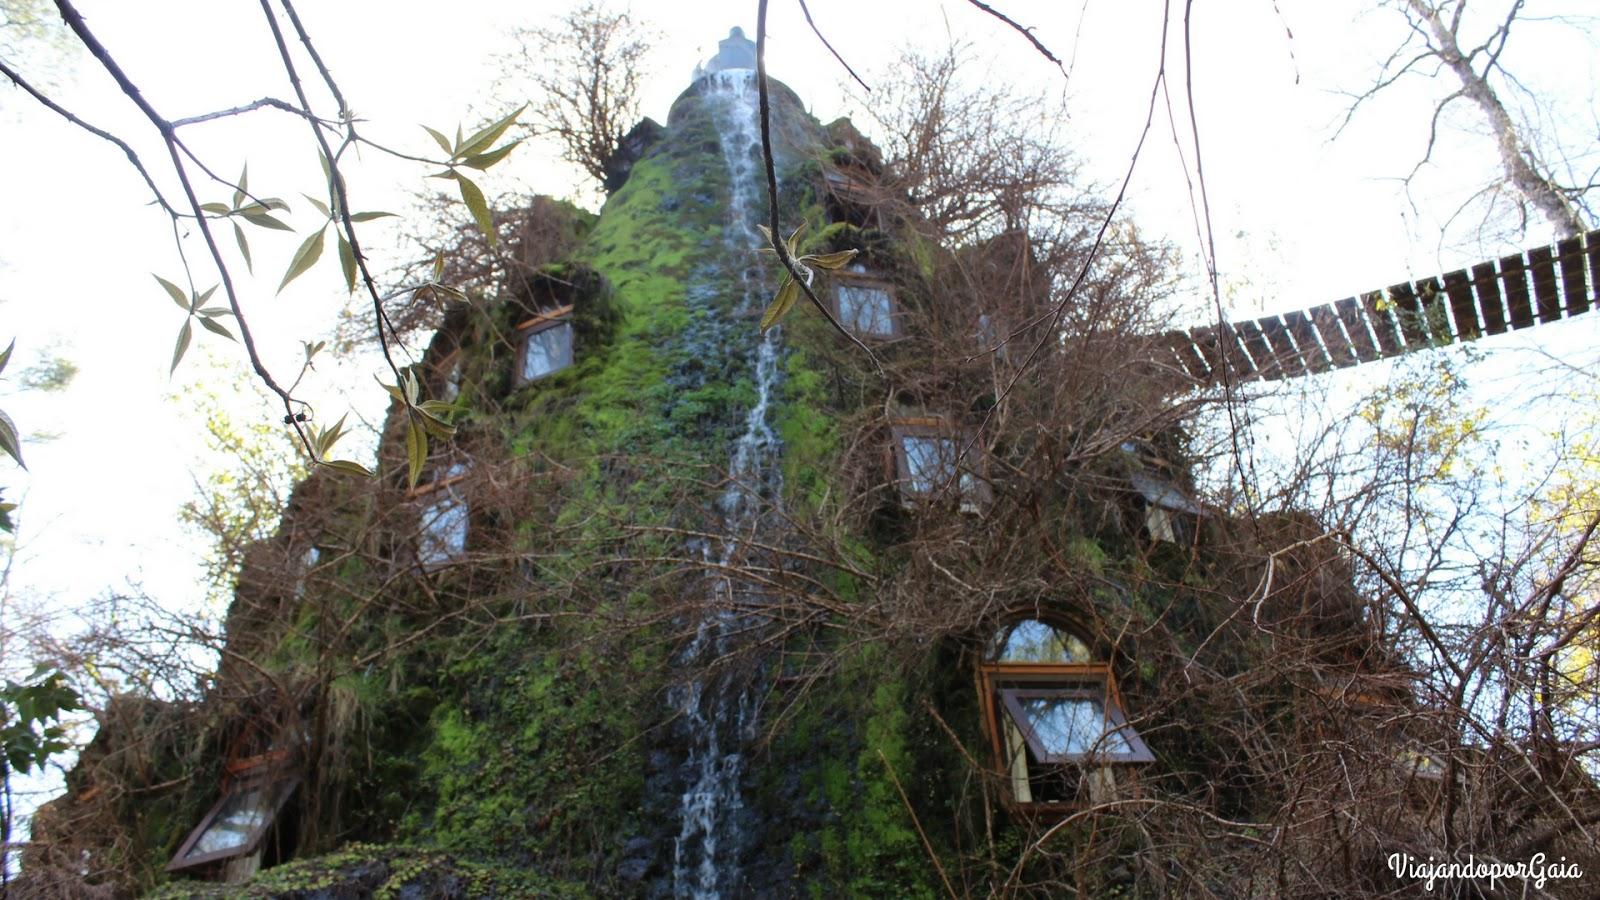 Montaña Mágica Lodge Destacado como uno de los hoteles más  exóticos del mundo, construido con mano de obra local, utilizando materiales autóctonos, cubierto de vegetación y con flujo de agua constante que cae por un borde de la Montaña Mágica Lodge que se roba las miradas.